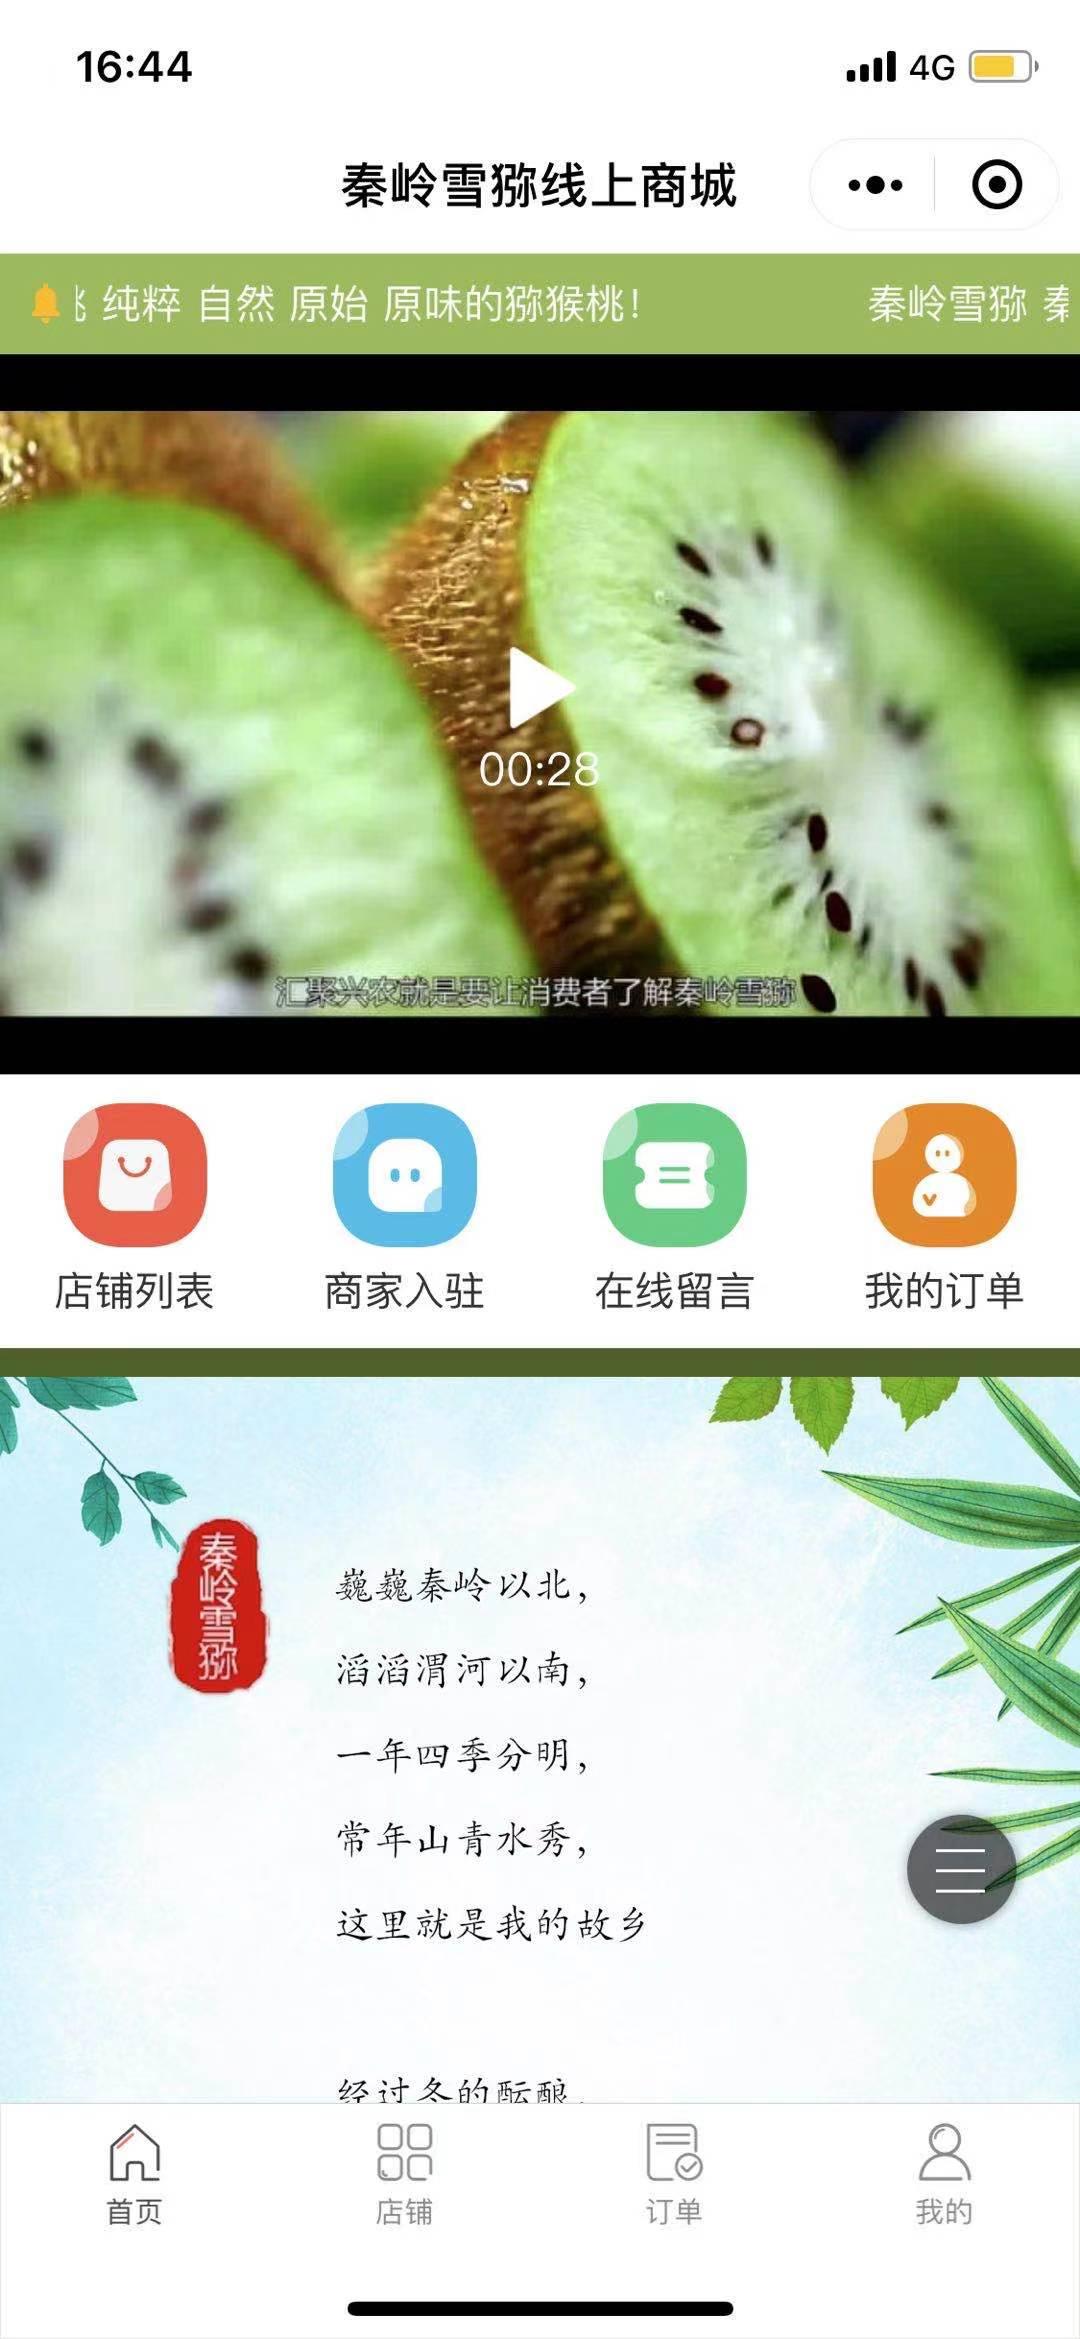 秦岭雪猕平台连锁店商家效果截图